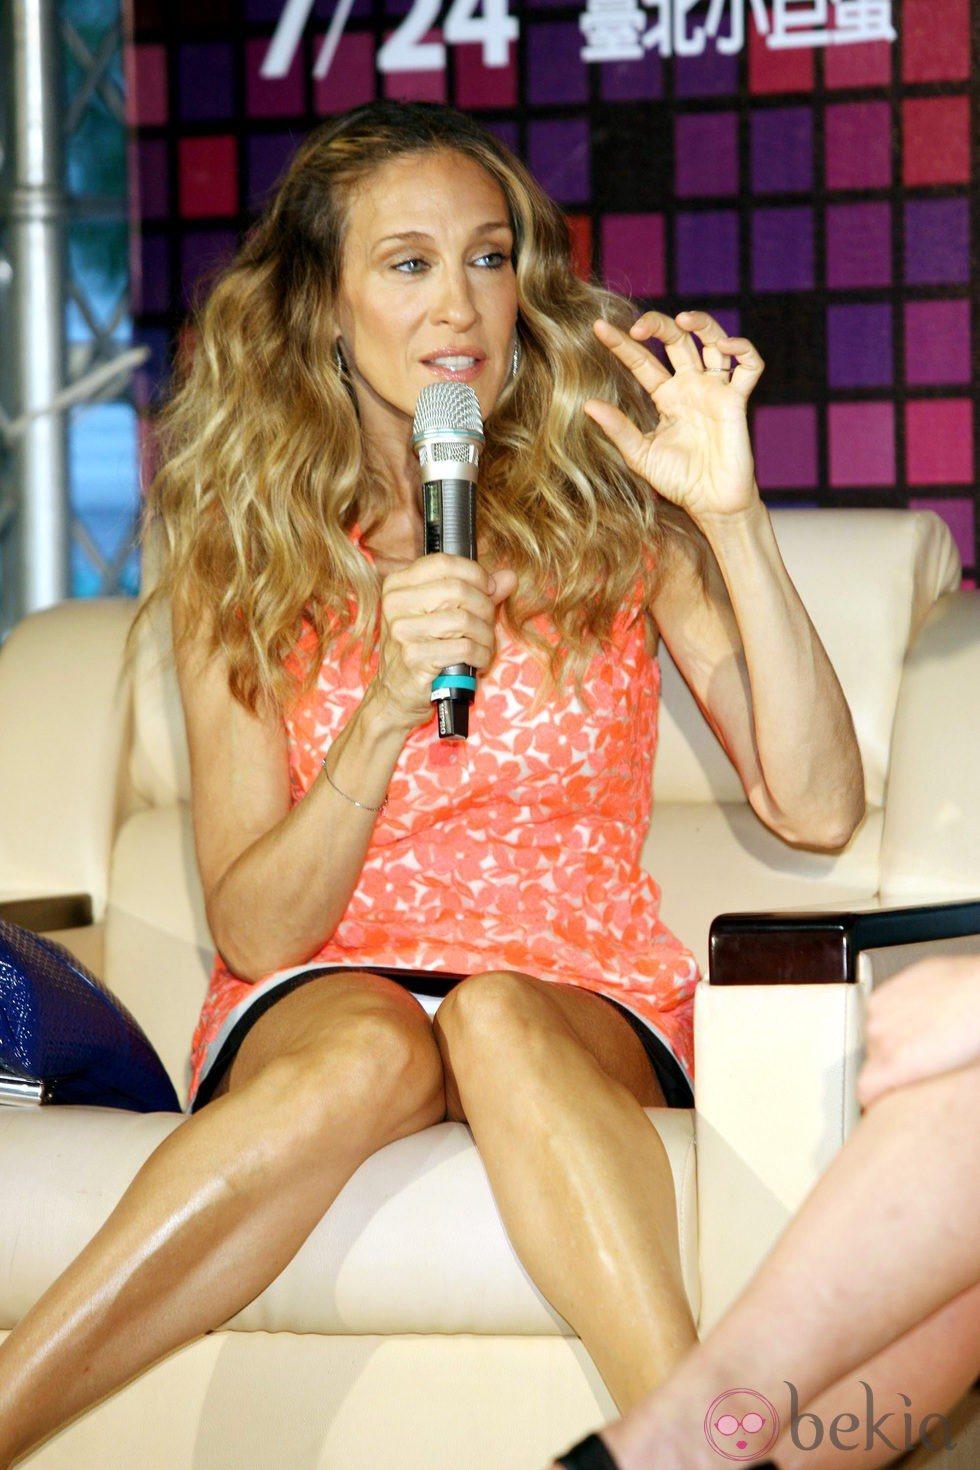 Descuidos de famosas: Sarah Jessica Parker muestra su ropa interior en rueda de prensa